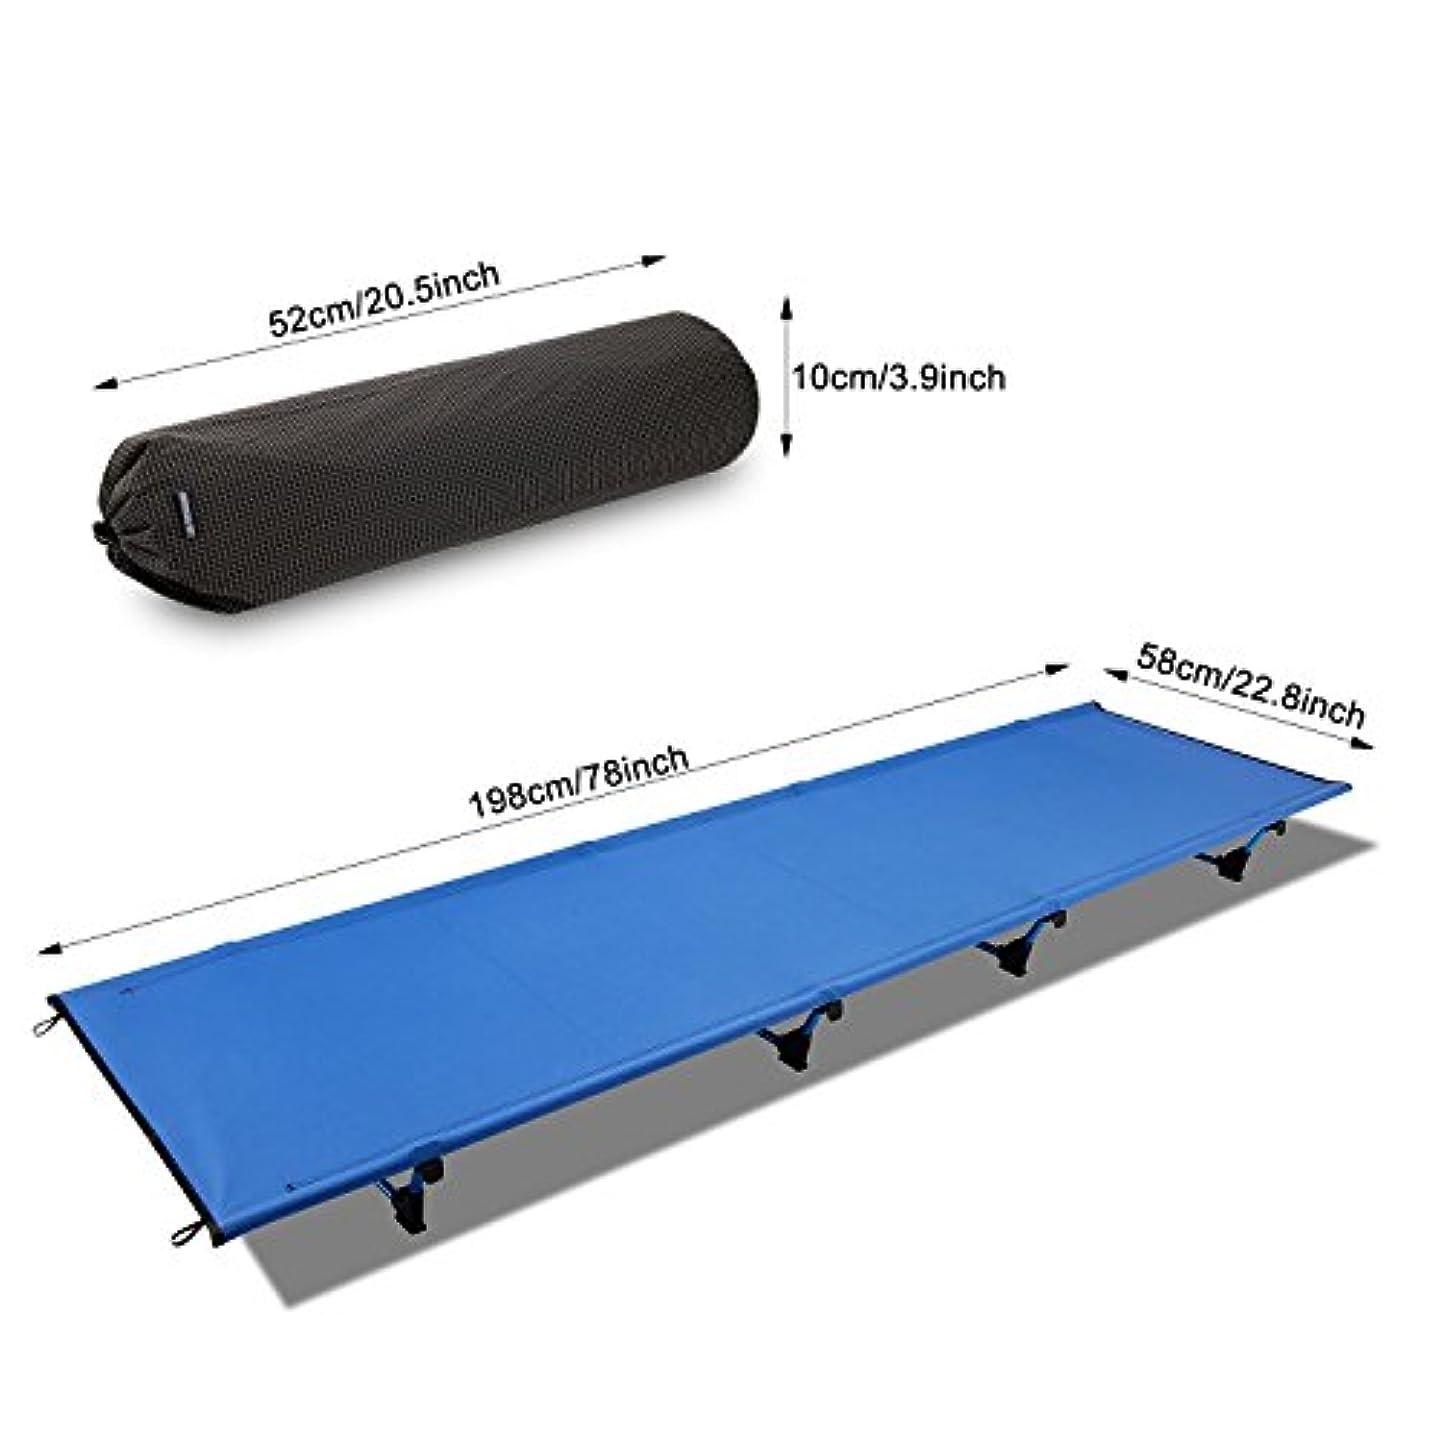 地下説教囲いMeoket ポータブル コンパクト キャンピングコット ベッド 軽量 折りたたみ式 アルミニウム キャンピングコット 収納バッグ付き